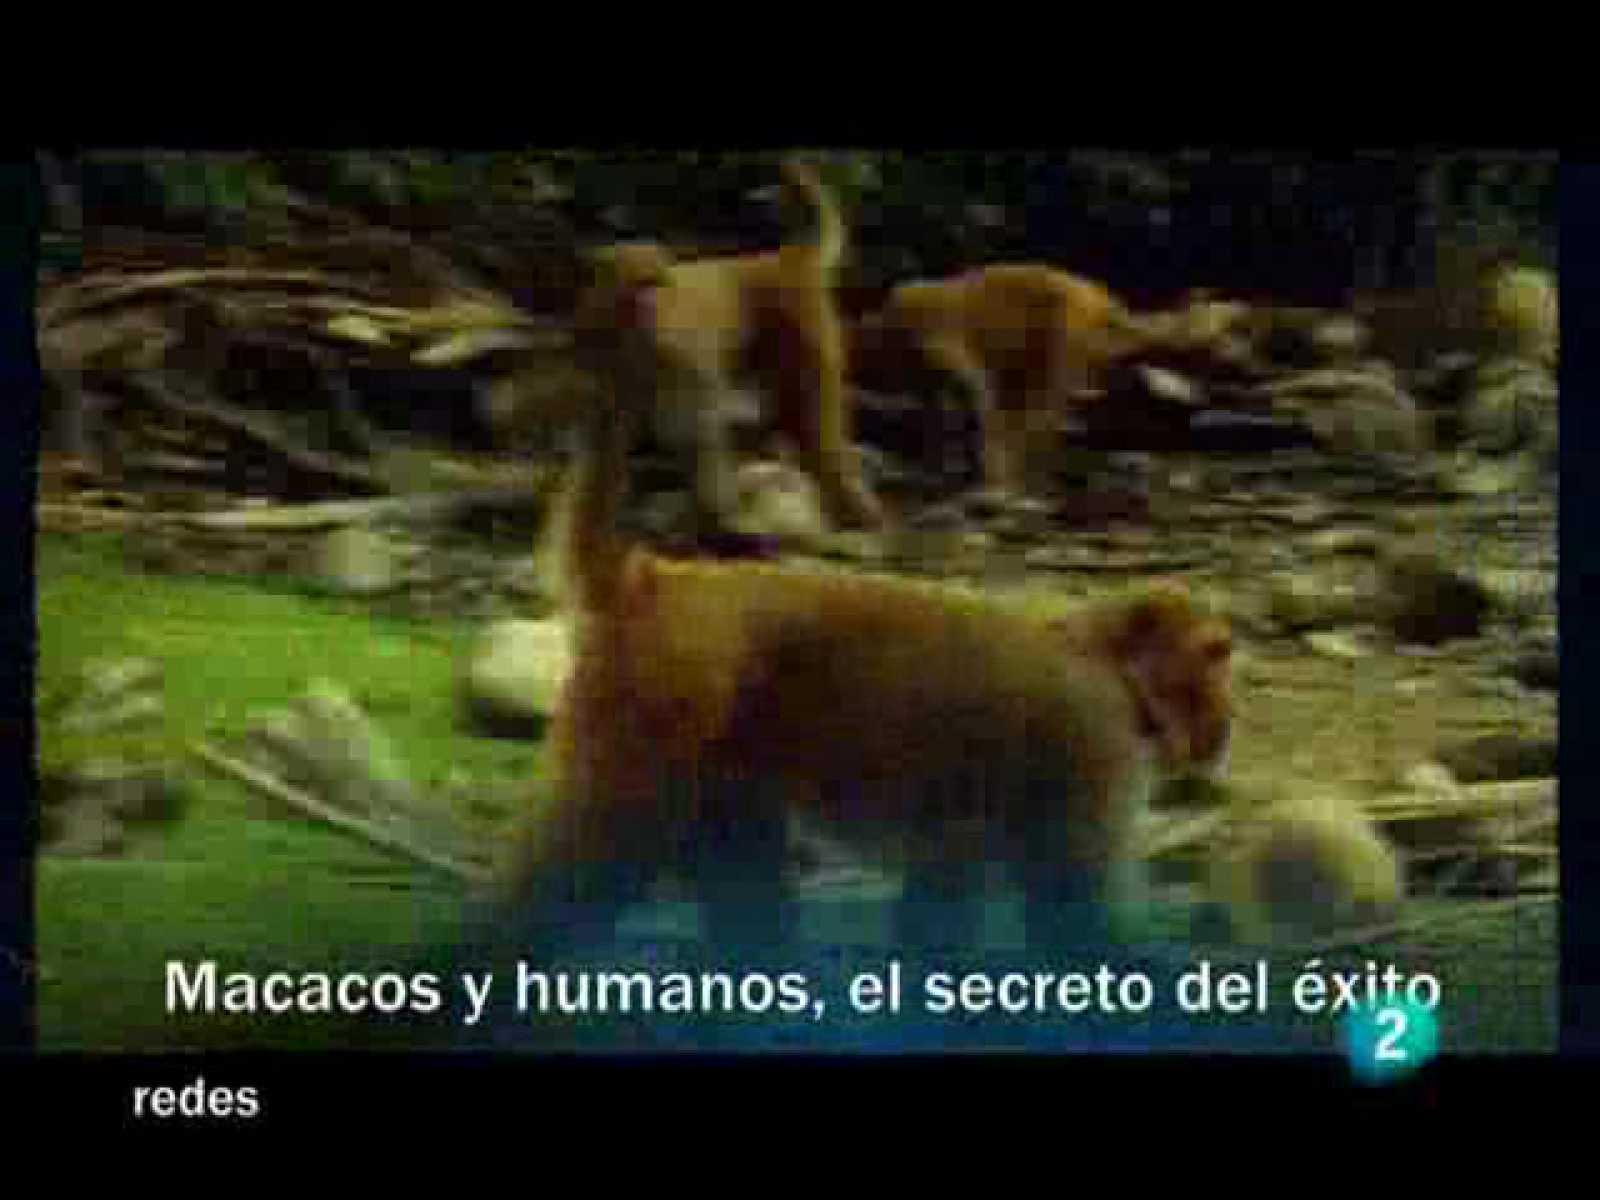 Redes (22/11/09) : Macacos y humanos, el secreto del éxito